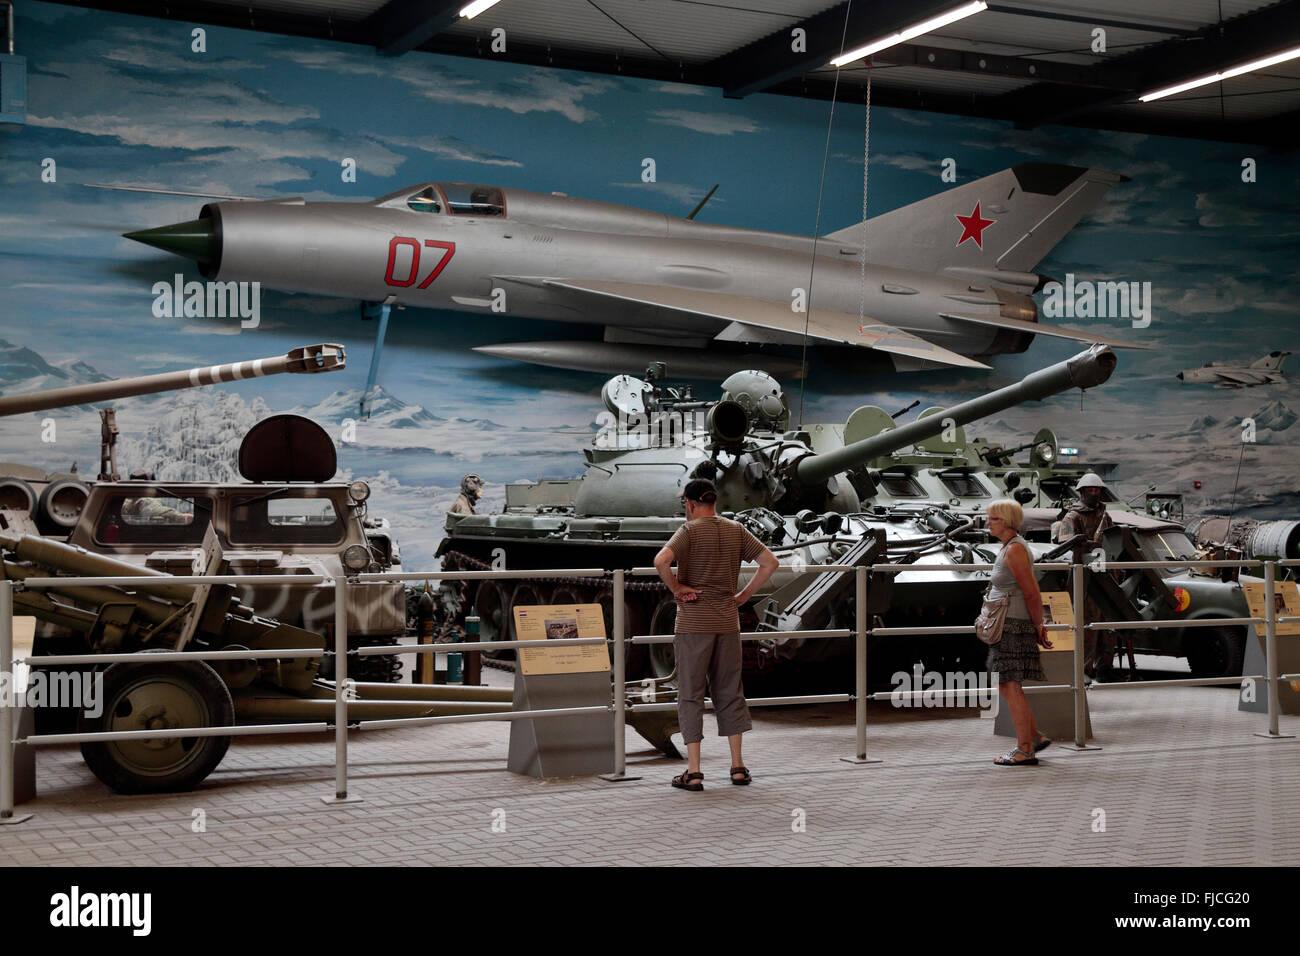 Una guerra fría Soviética Mig 21 aviones de combate y otros vehículos militares de la guerra fría Imagen De Stock